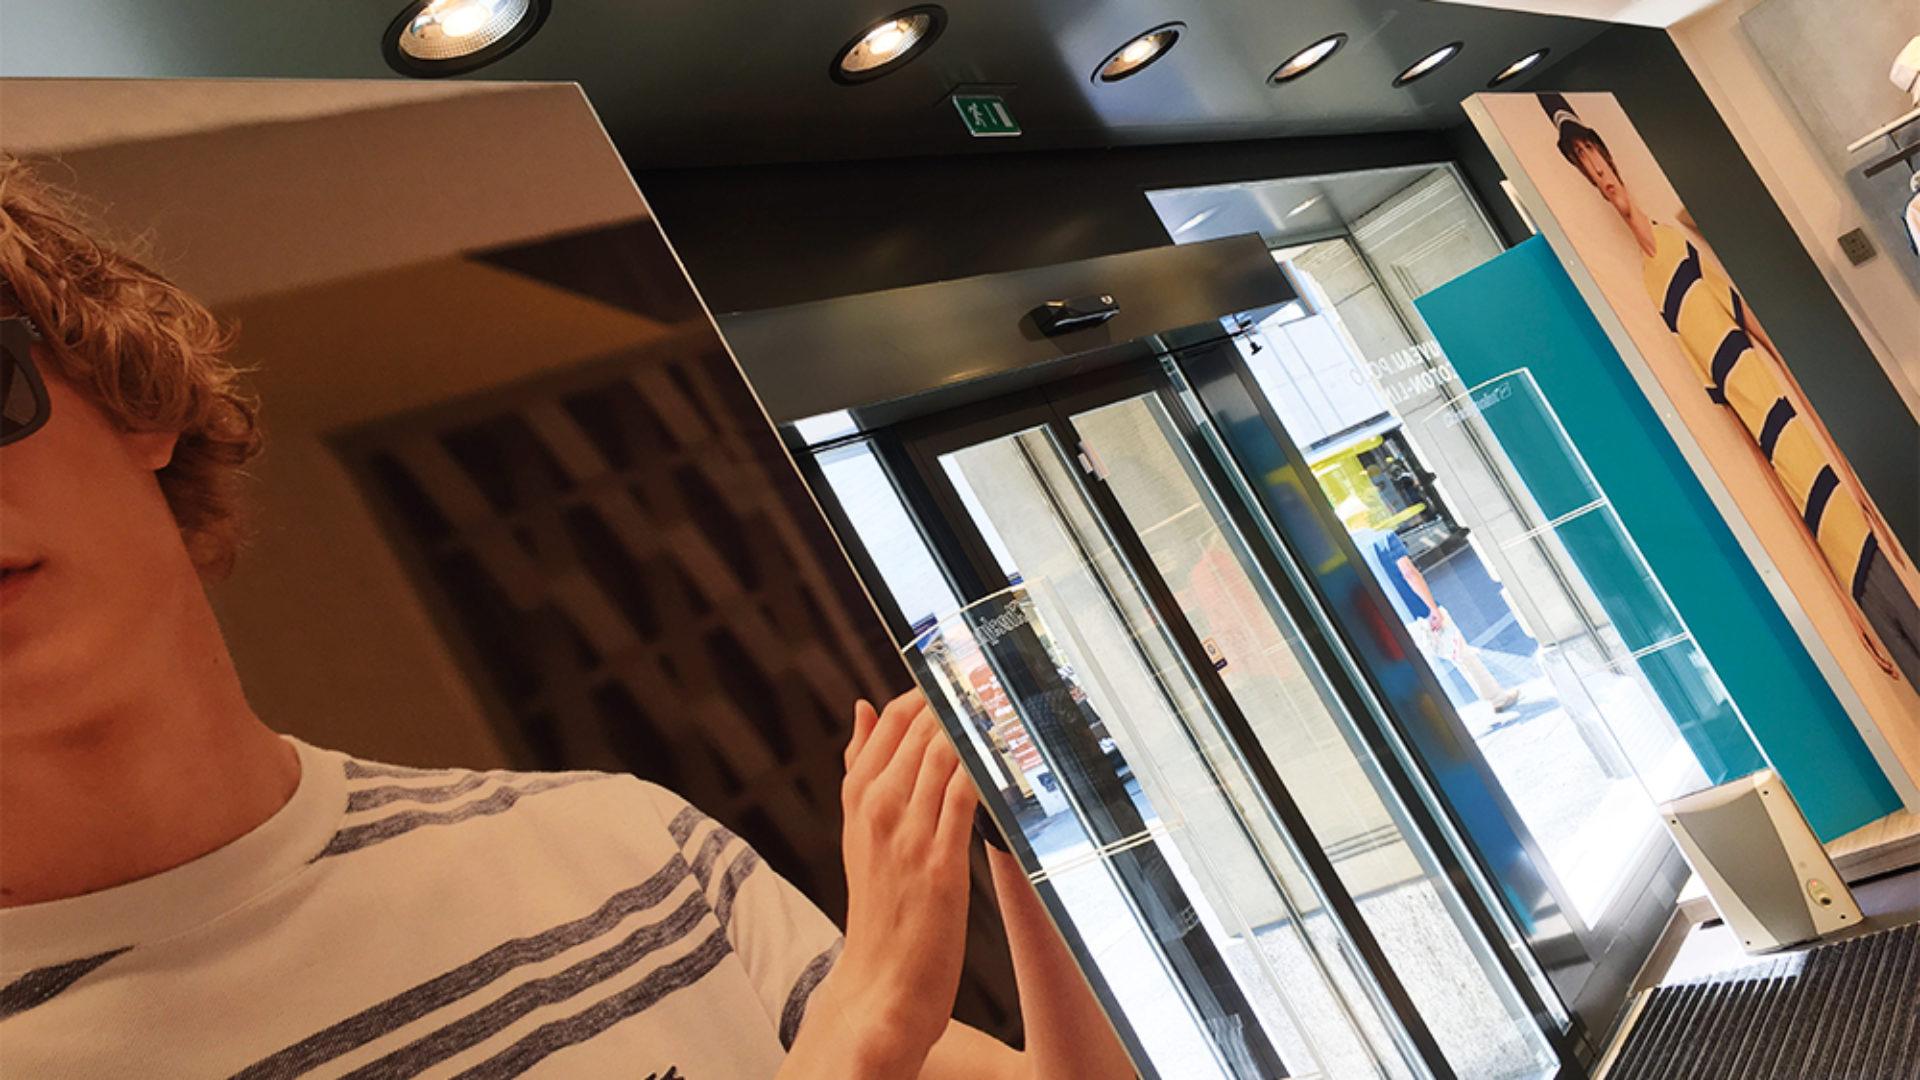 Beleuchtung_referenz_objekt_Crown_Downlight_Lacoste_Store_Luzern_perdix